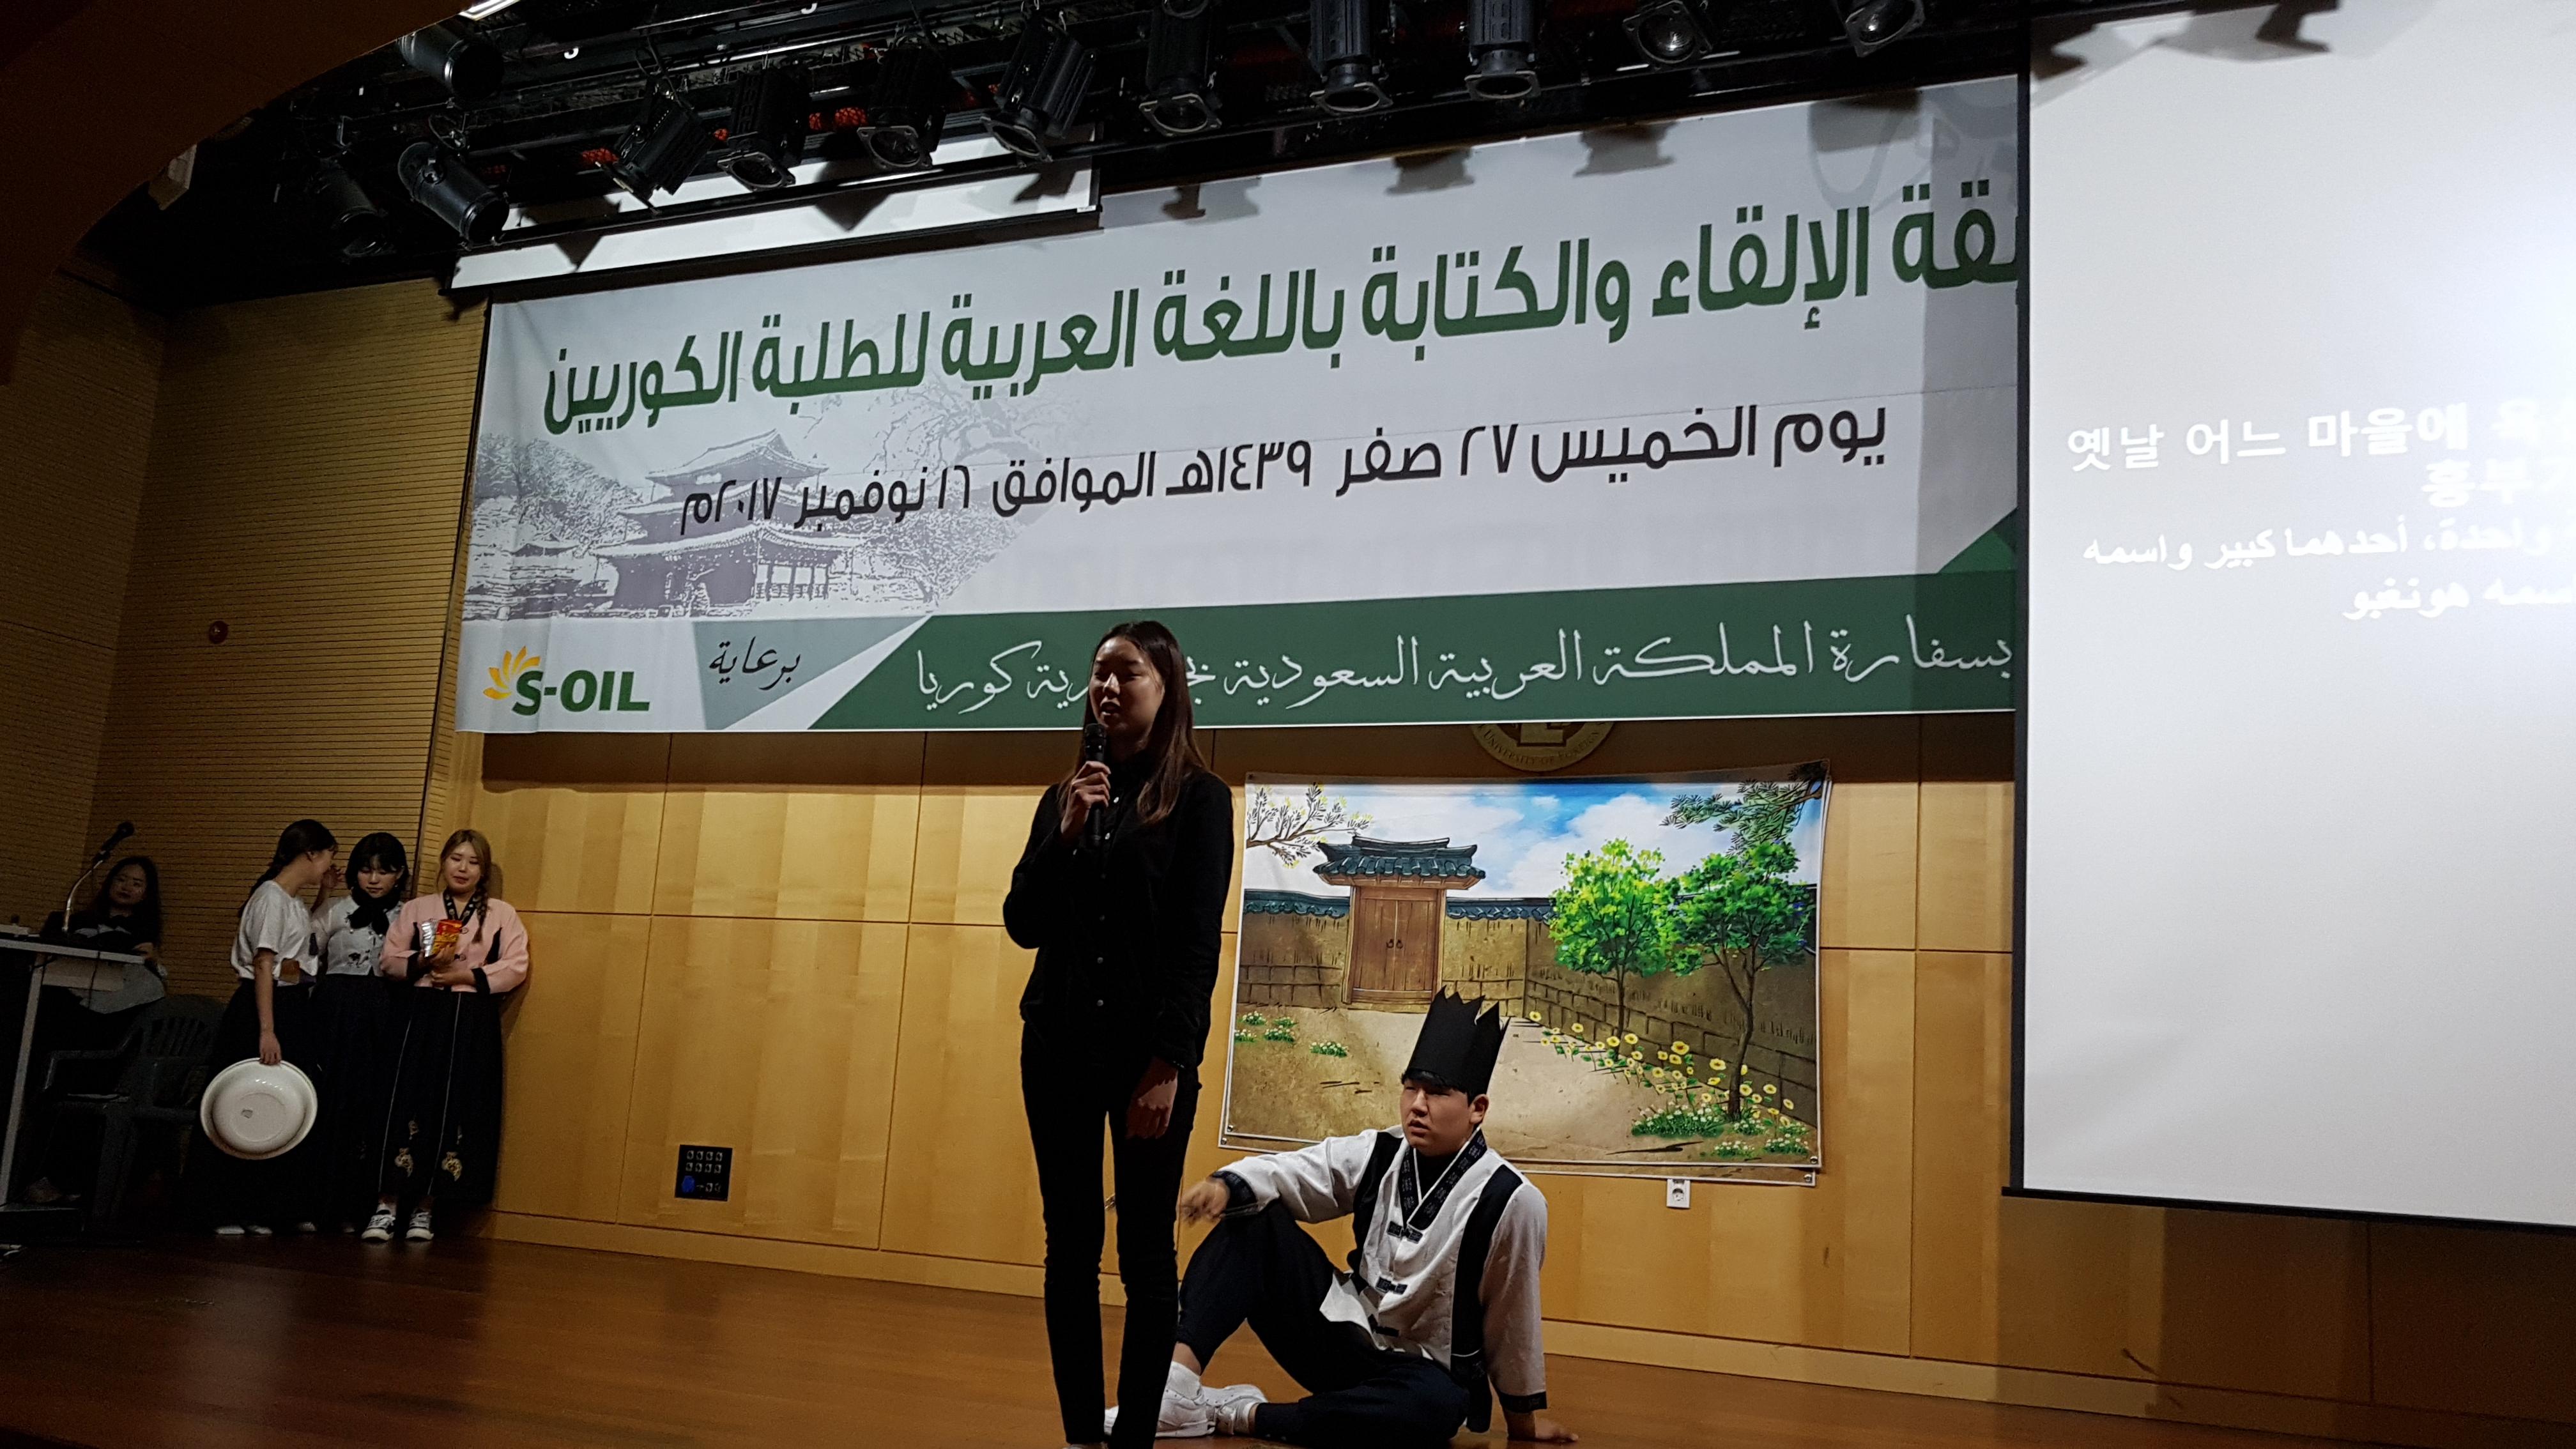 إقامة مسابقة الإلقاء والكتابة باللغة العربية لعام 2018